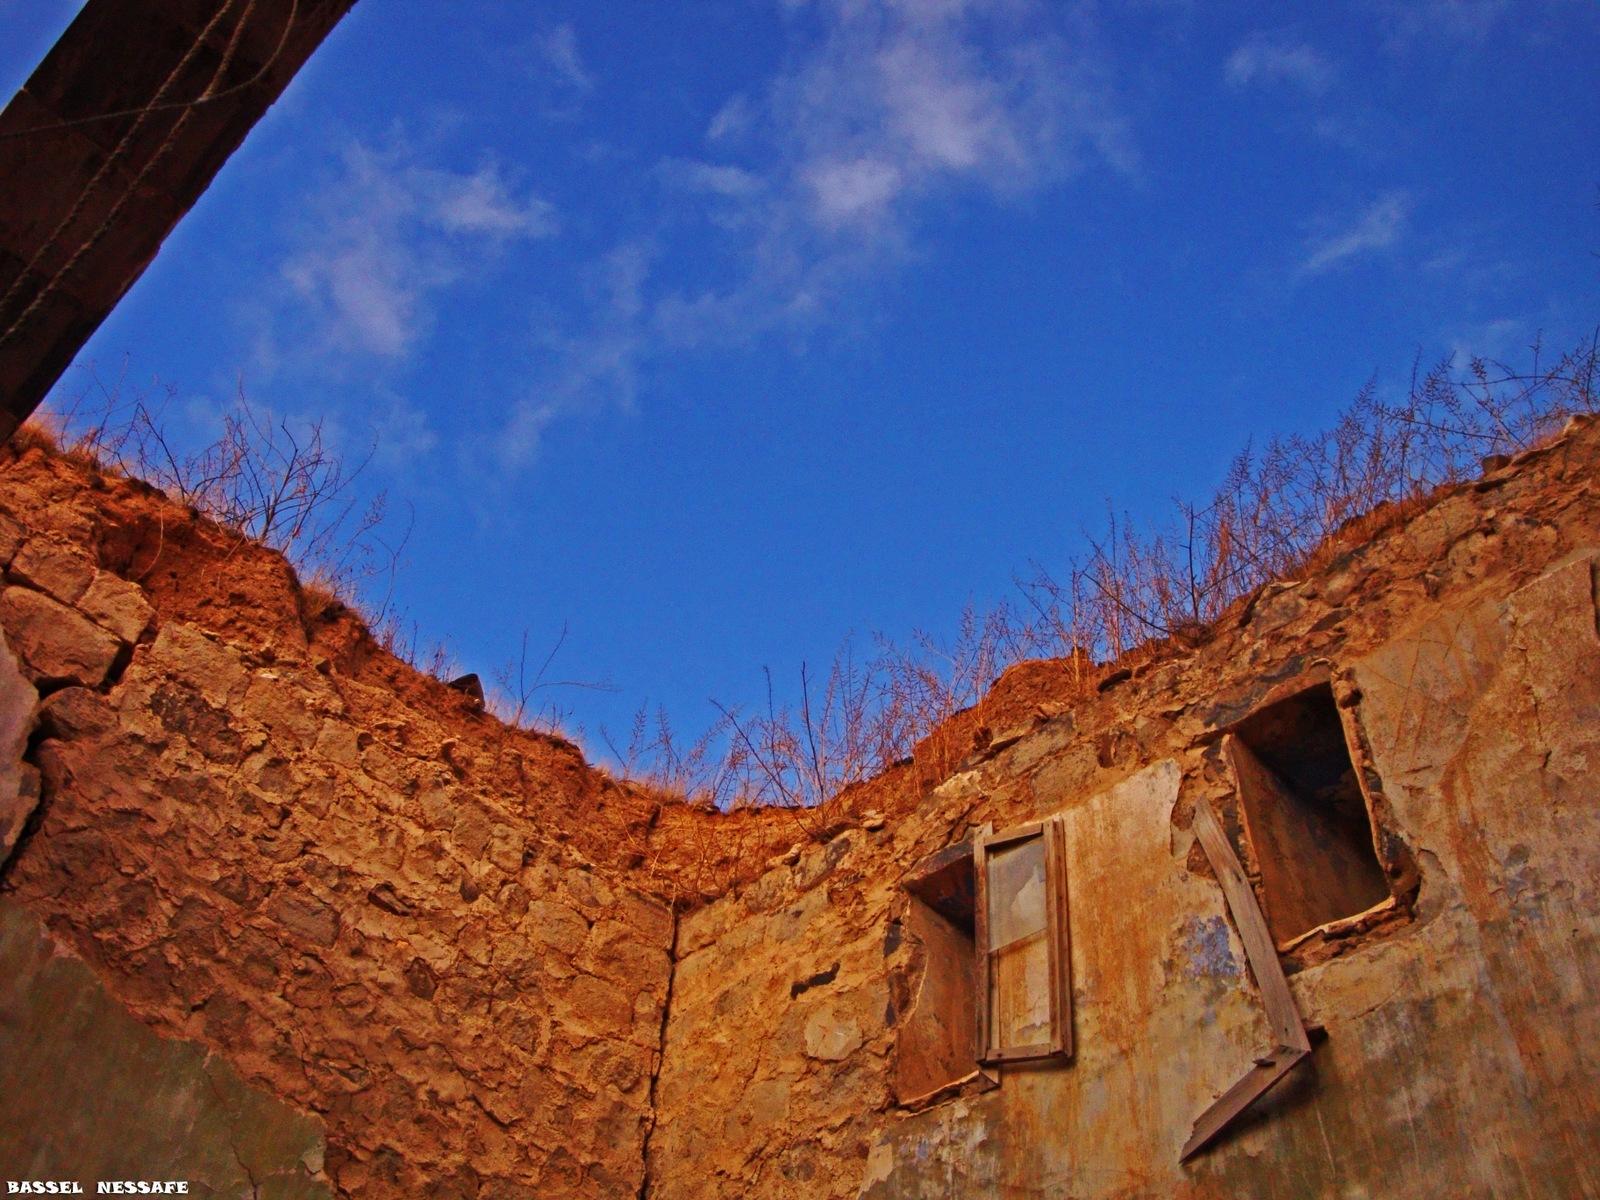 IN SYRIA by Basel H Daneel